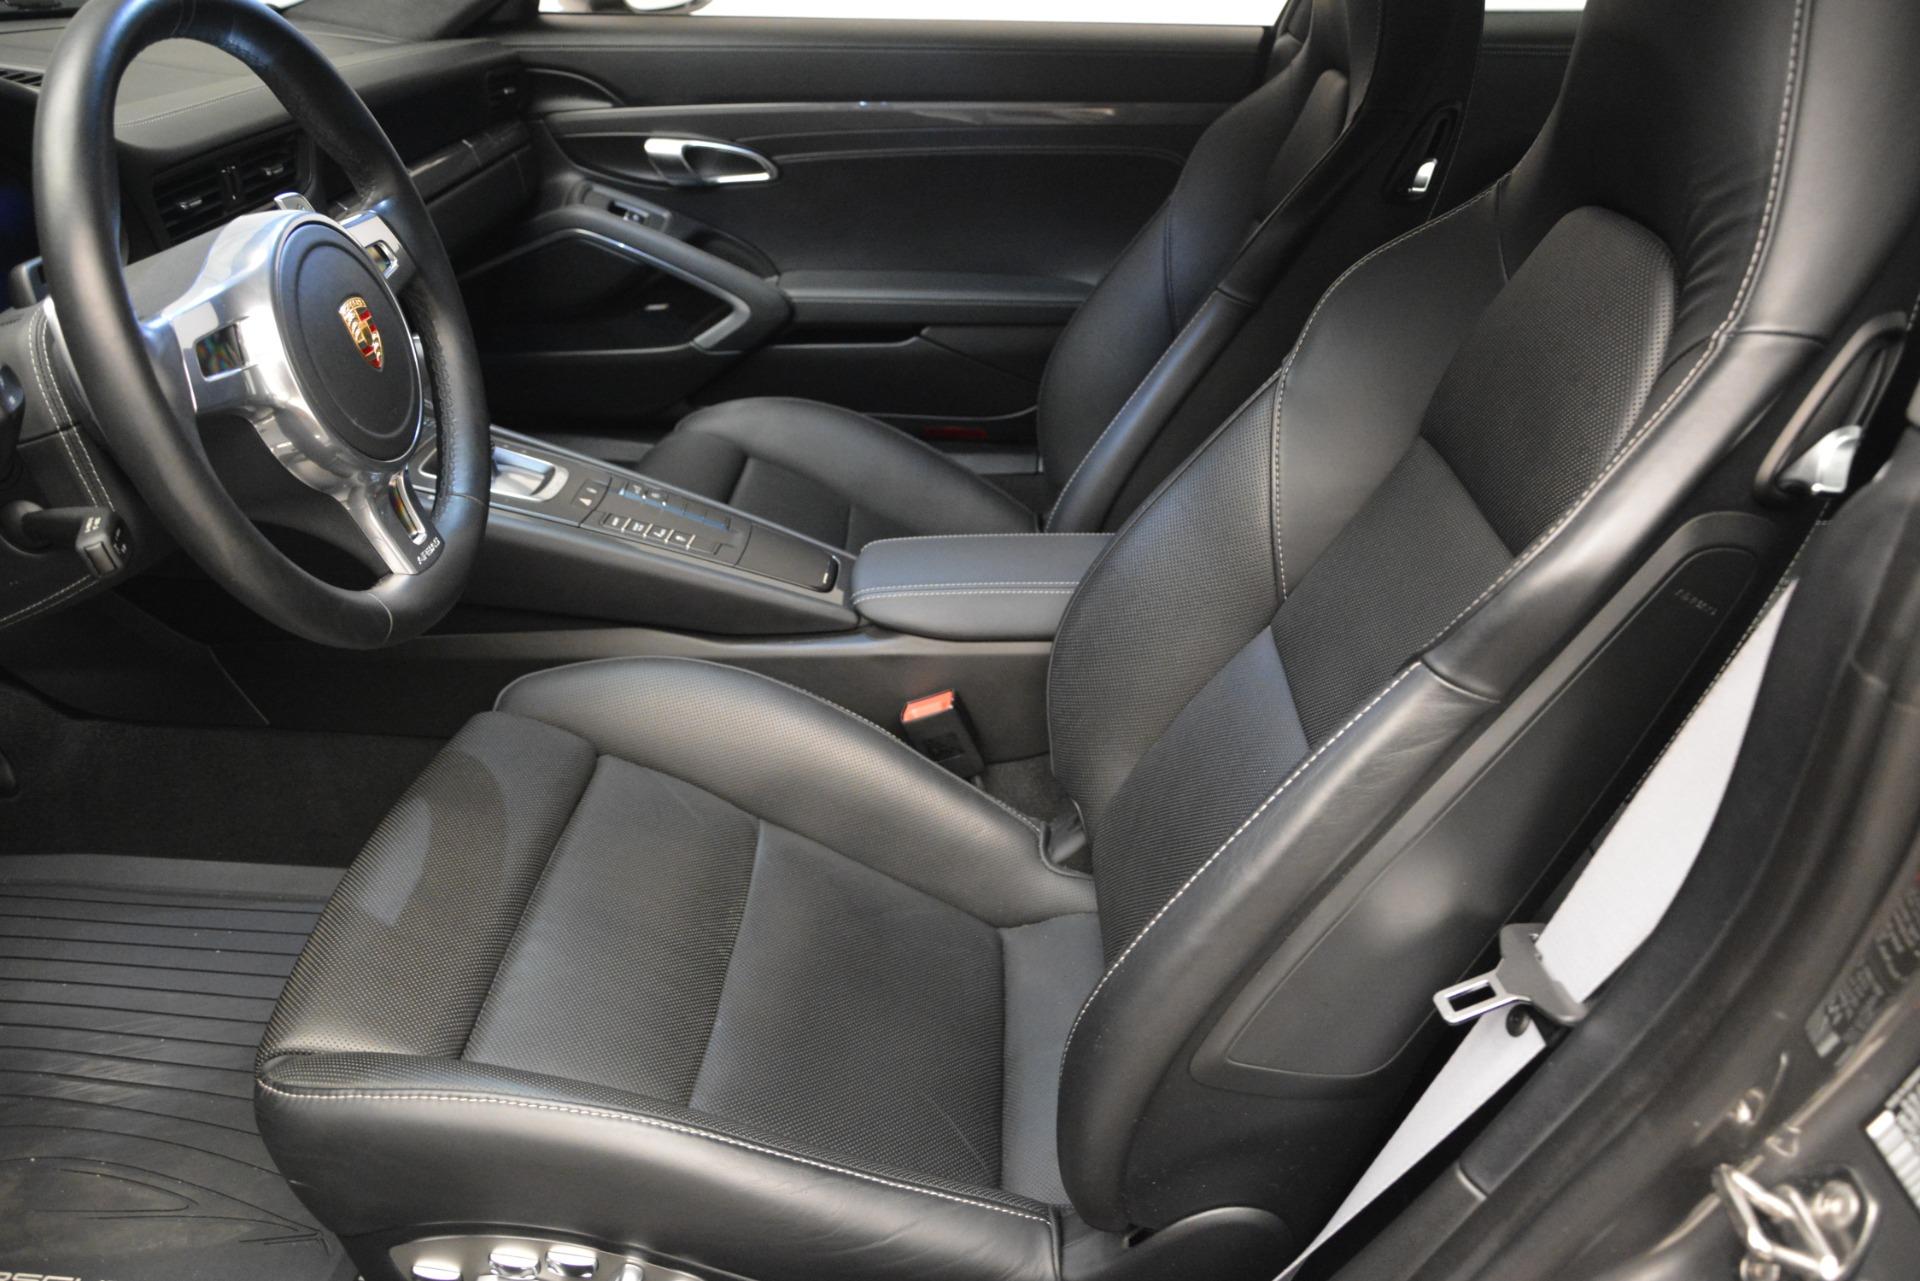 Used 2015 Porsche 911 Turbo S For Sale In Westport, CT 2923_p15